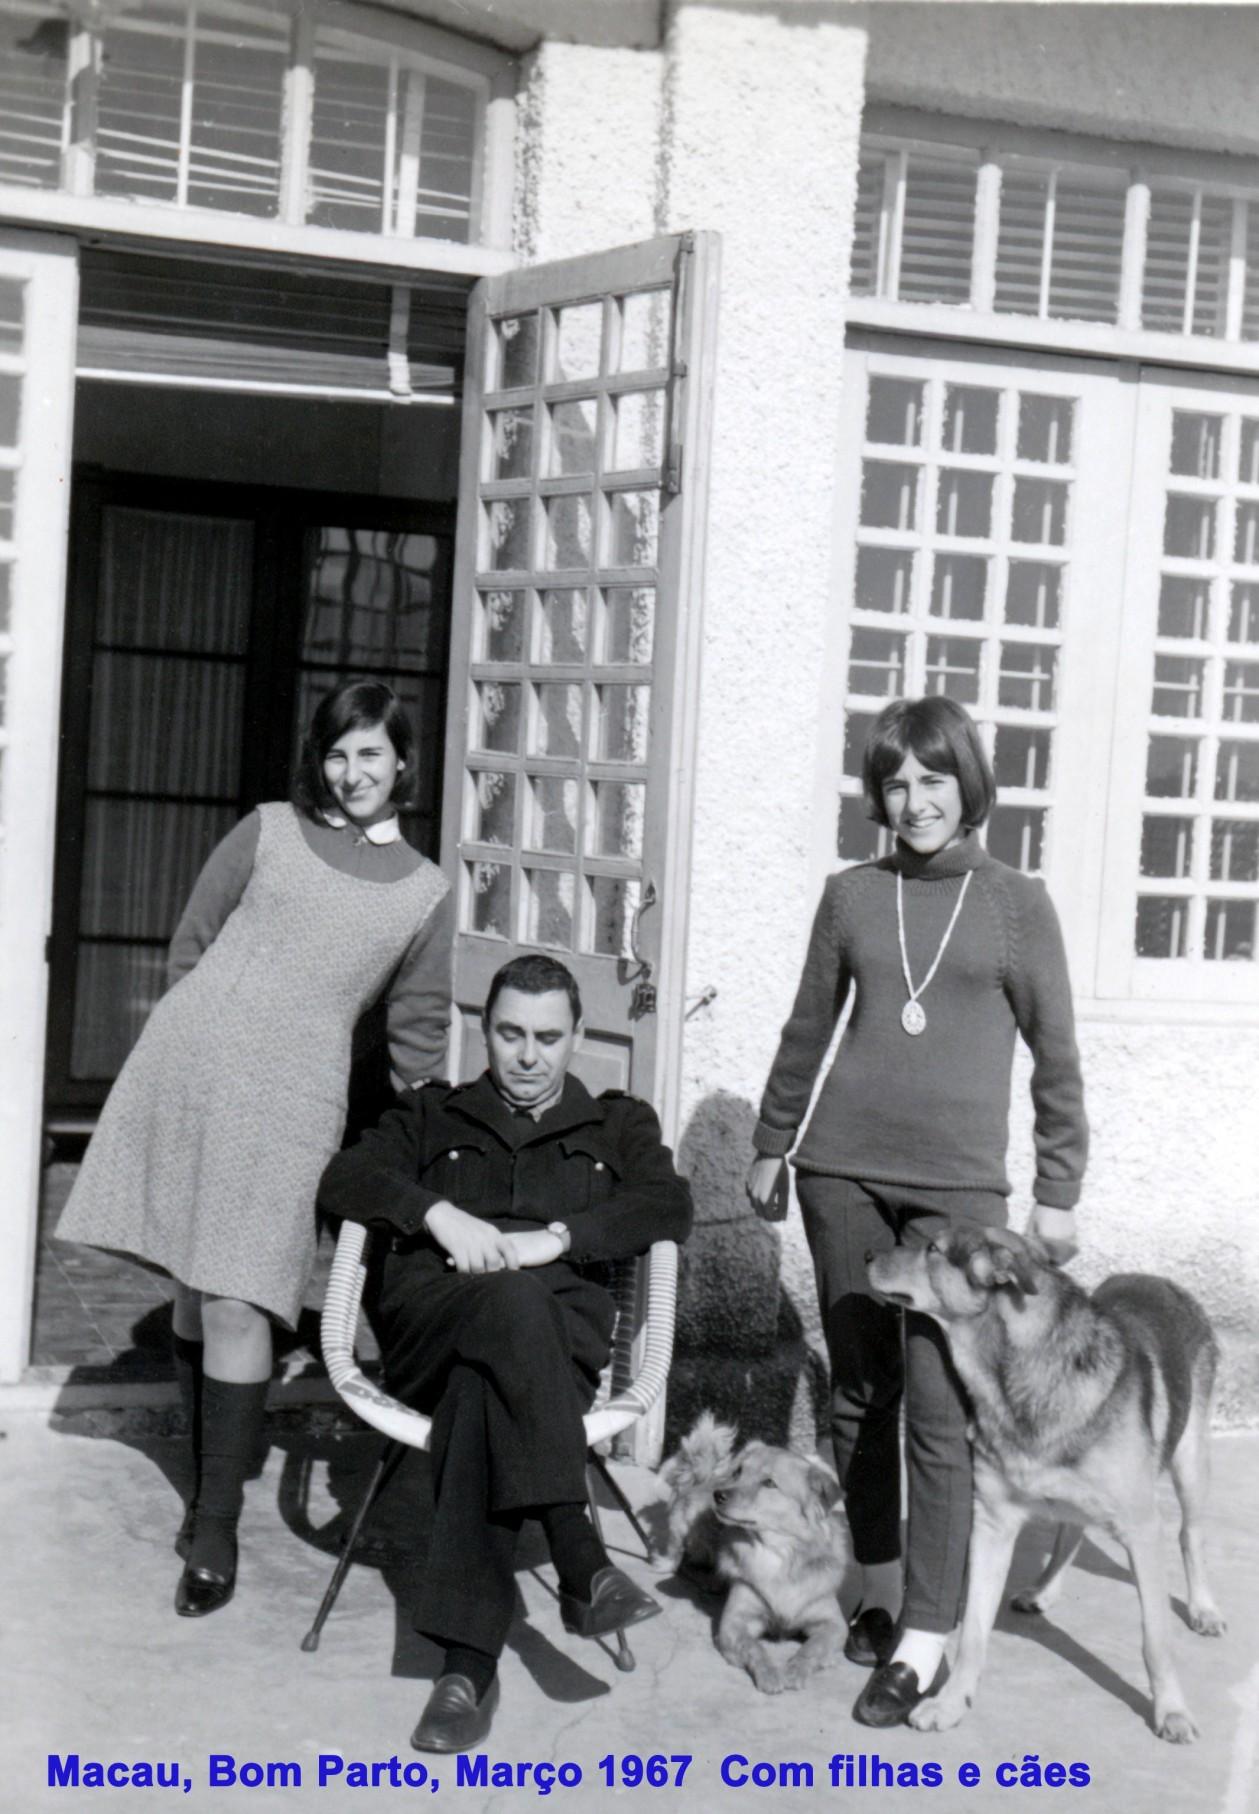 015 67-03 Pai com filhas e cães no Bom Parto